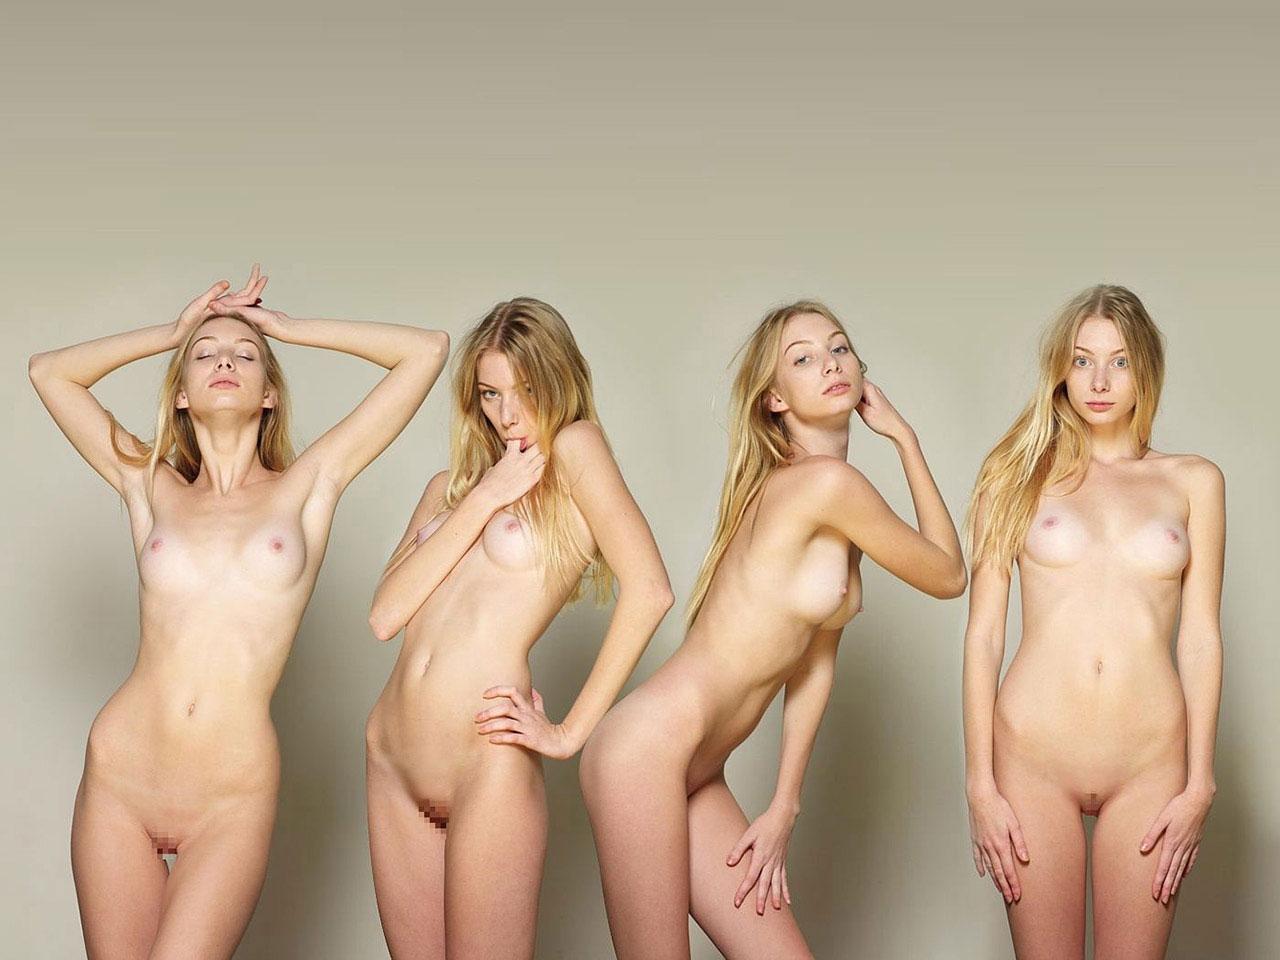 【おっぱい】今日も今日とて海外のポルノスターの極上ヌード画像で抜くwww【30枚】 28